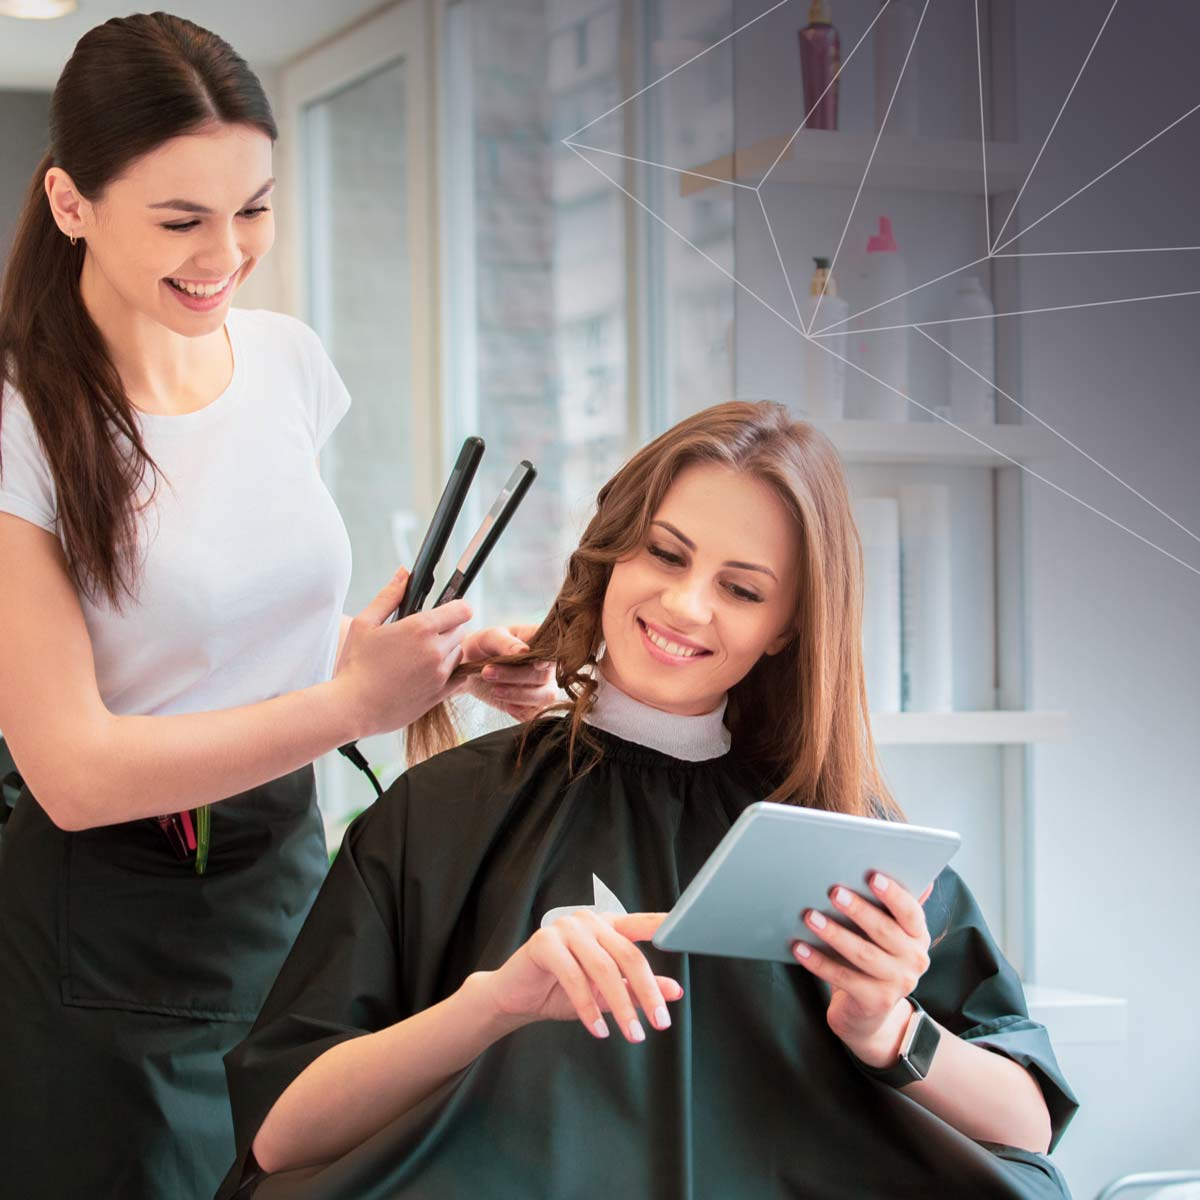 client-reveiws-1 8 Beauty Salon Marketing Ideas to Get You More Clients